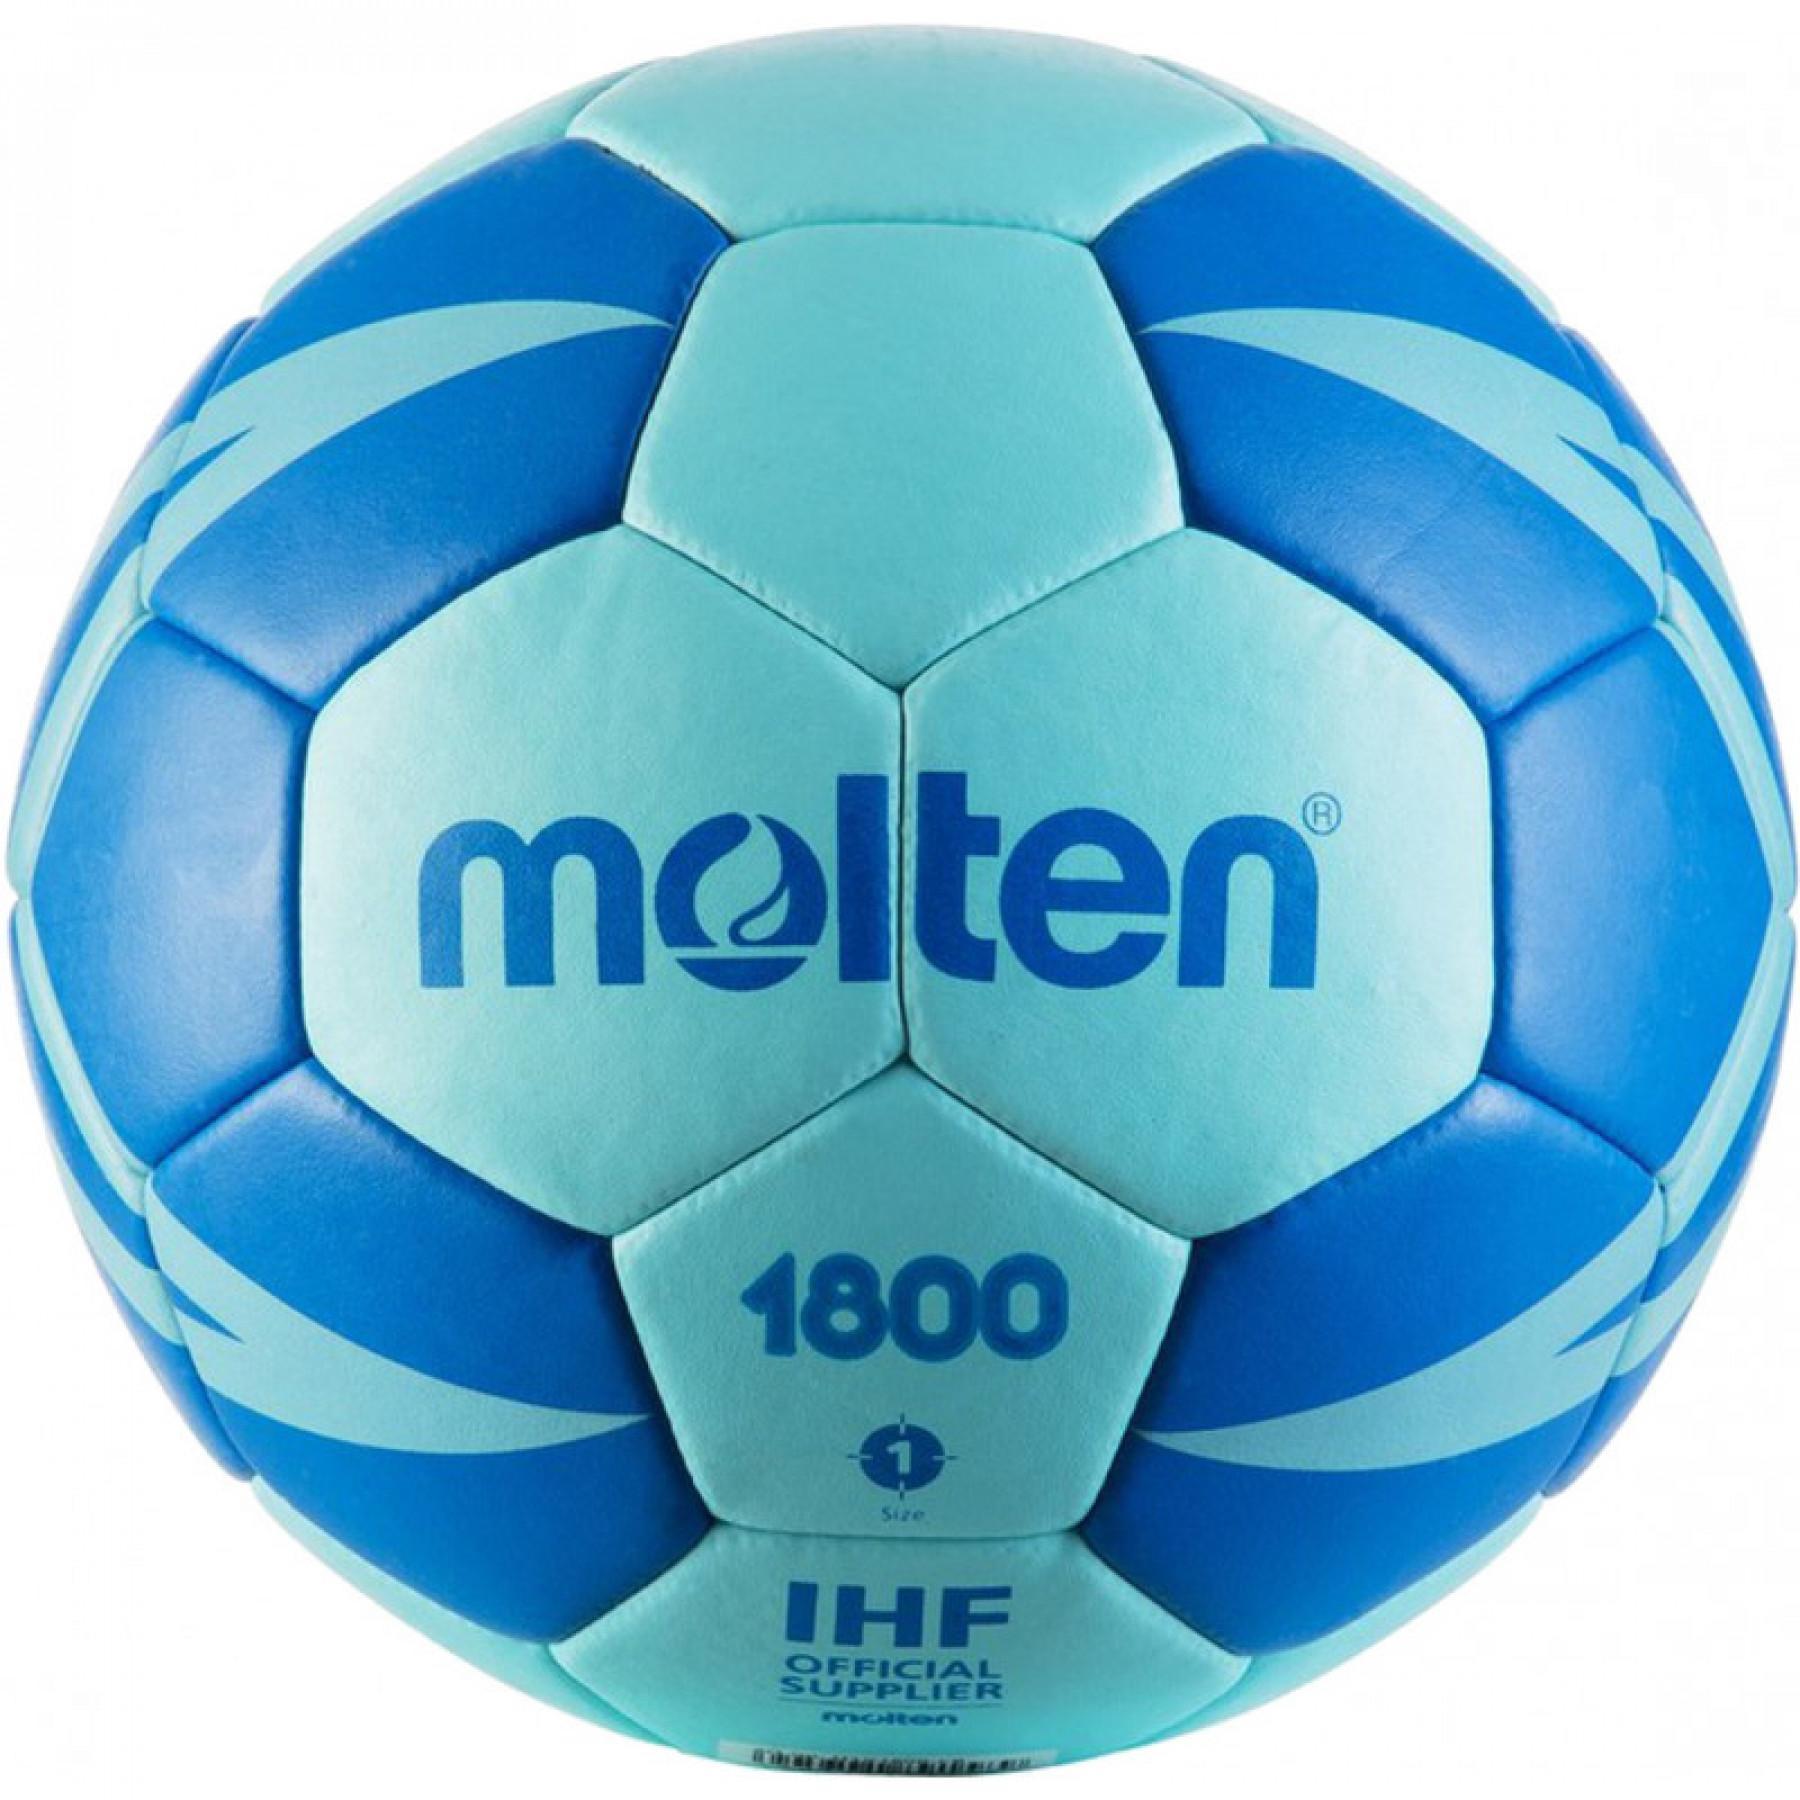 Training ball Molten HXT1800 size 1